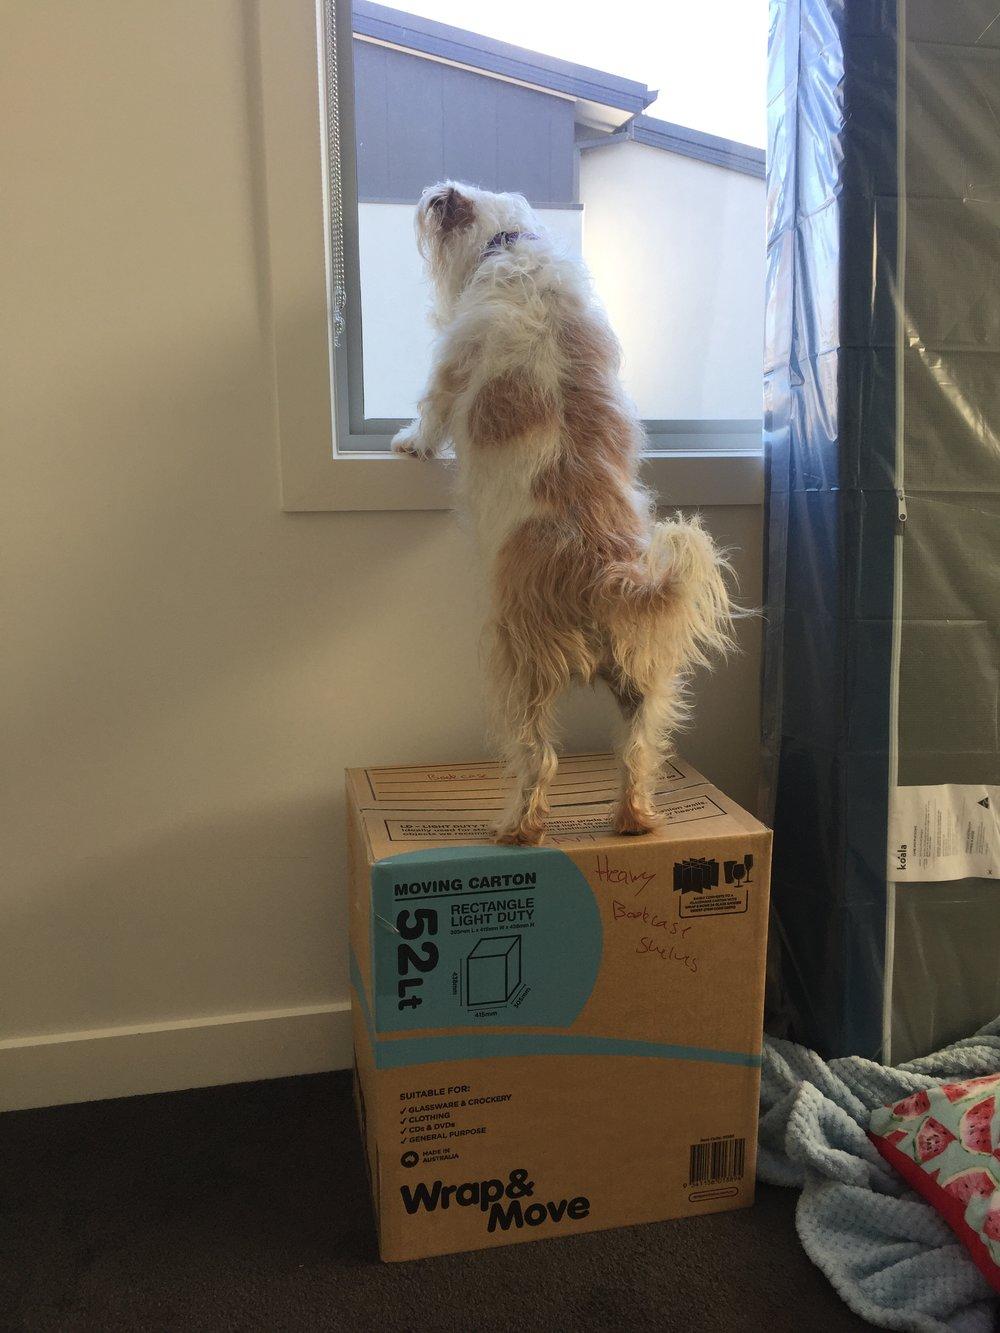 Moving supervisor.